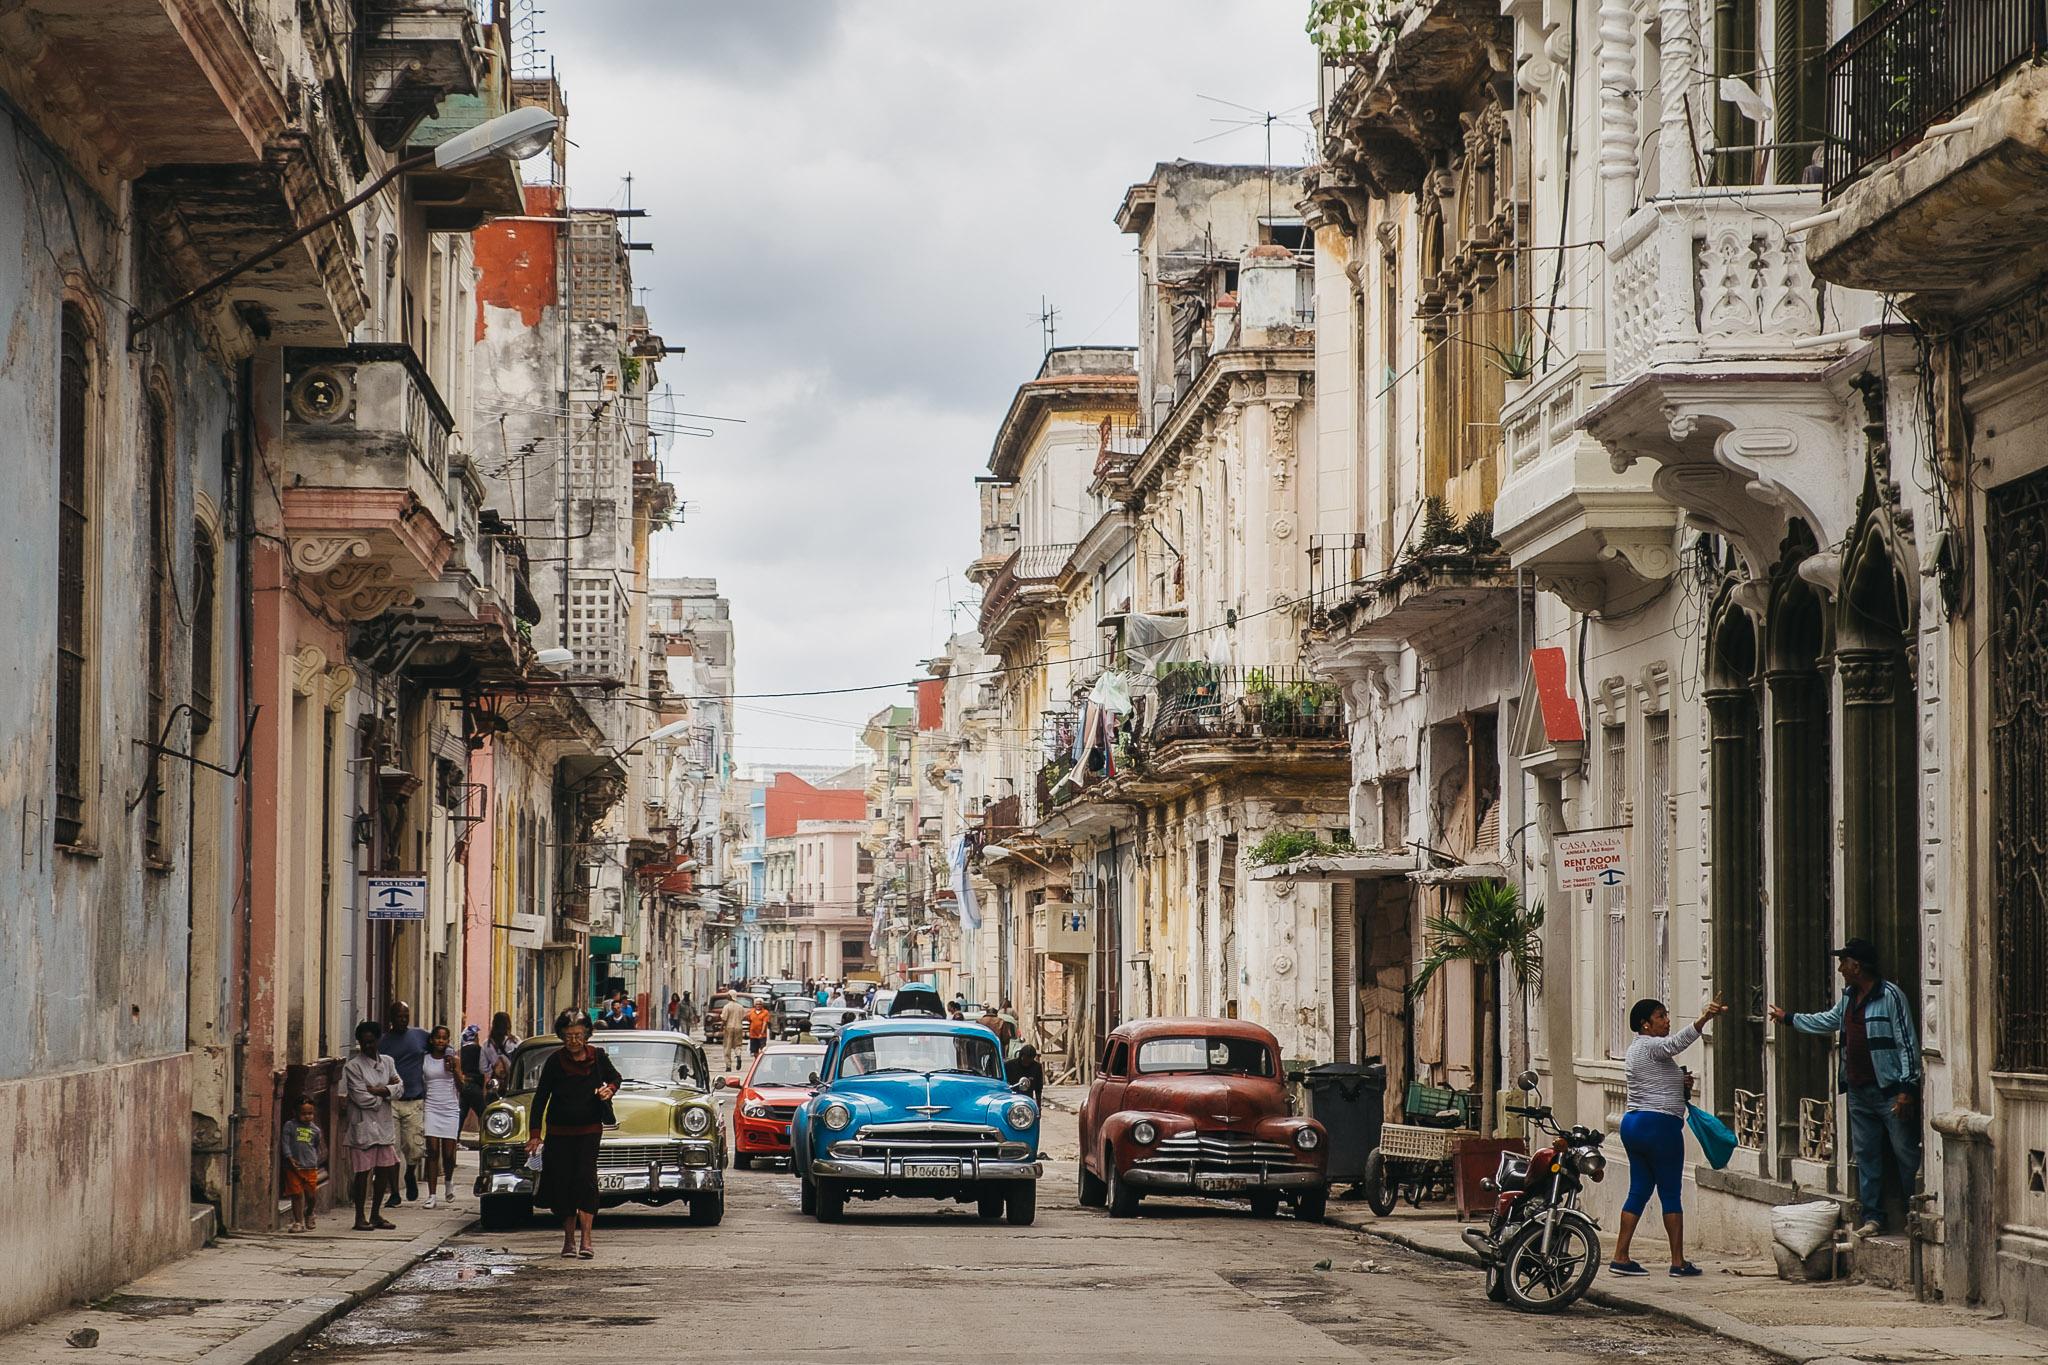 Cuba-2017-12-Havana-0335.jpg